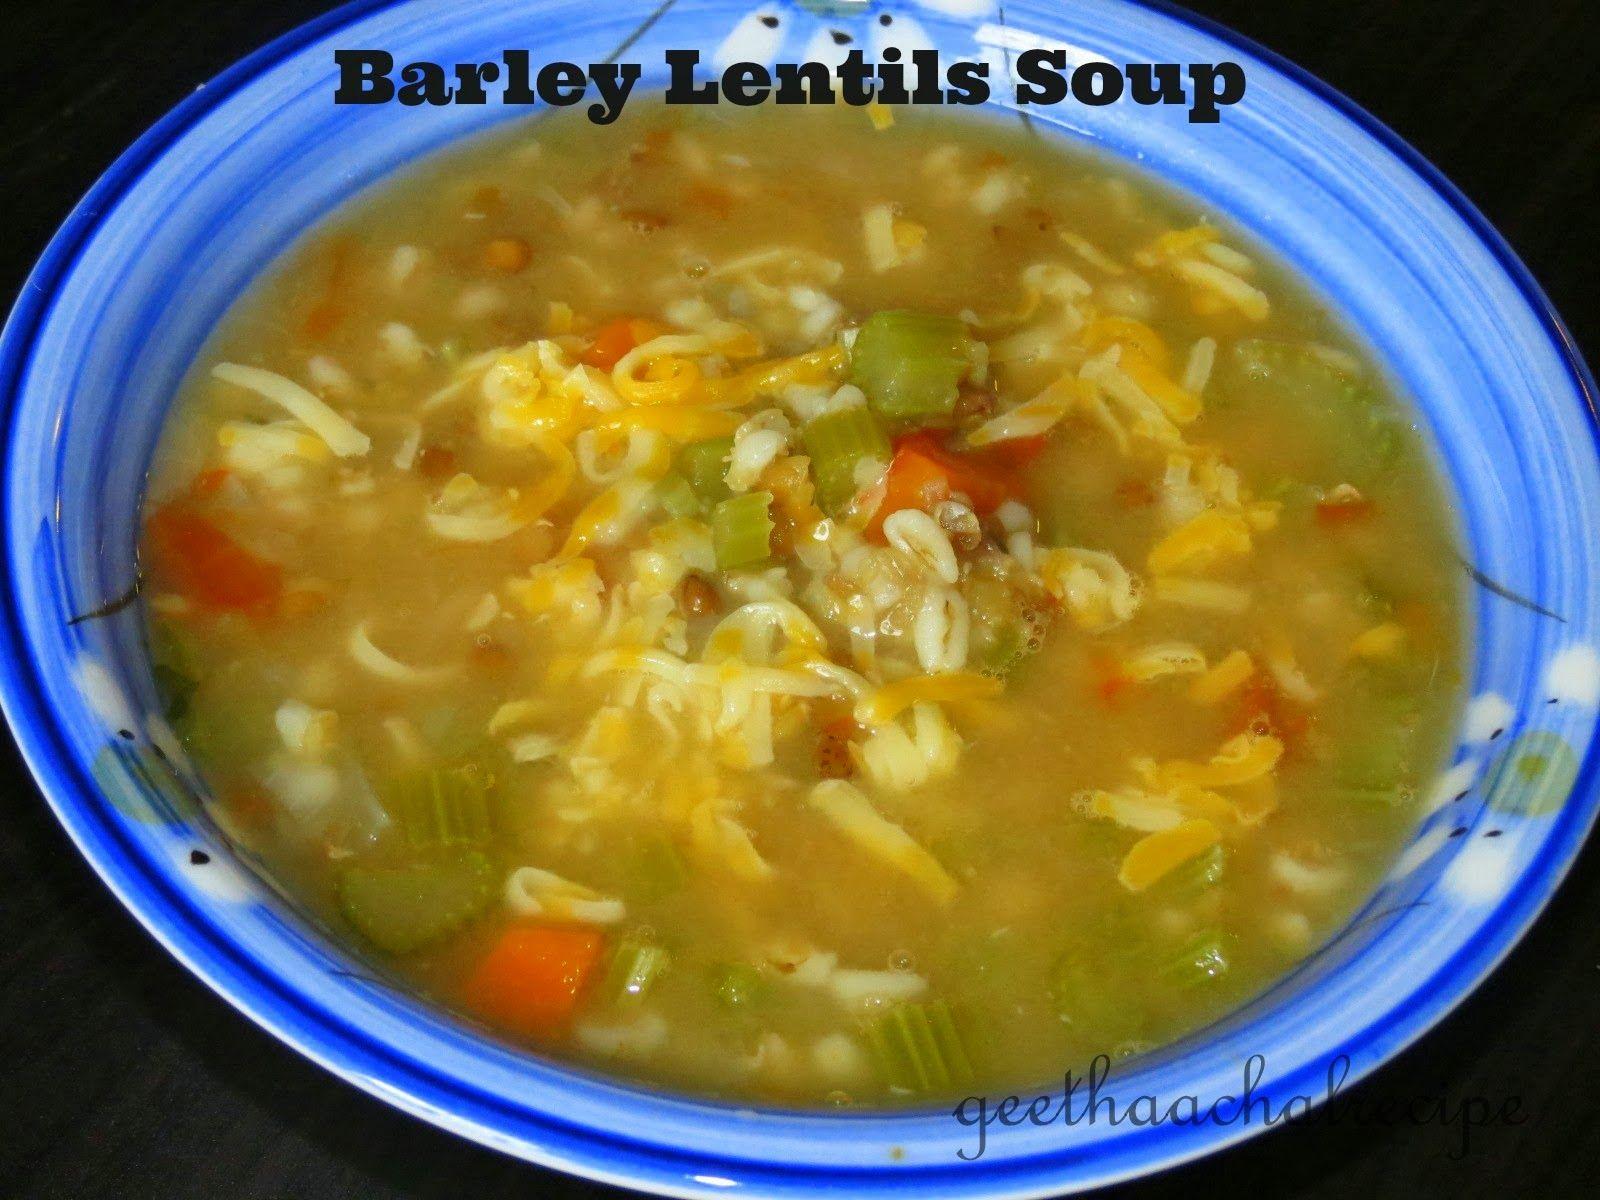 லெண்டில் பார்லி சூப் - Barley Lentils Soups with Veggies - Healthy Soup Varieties